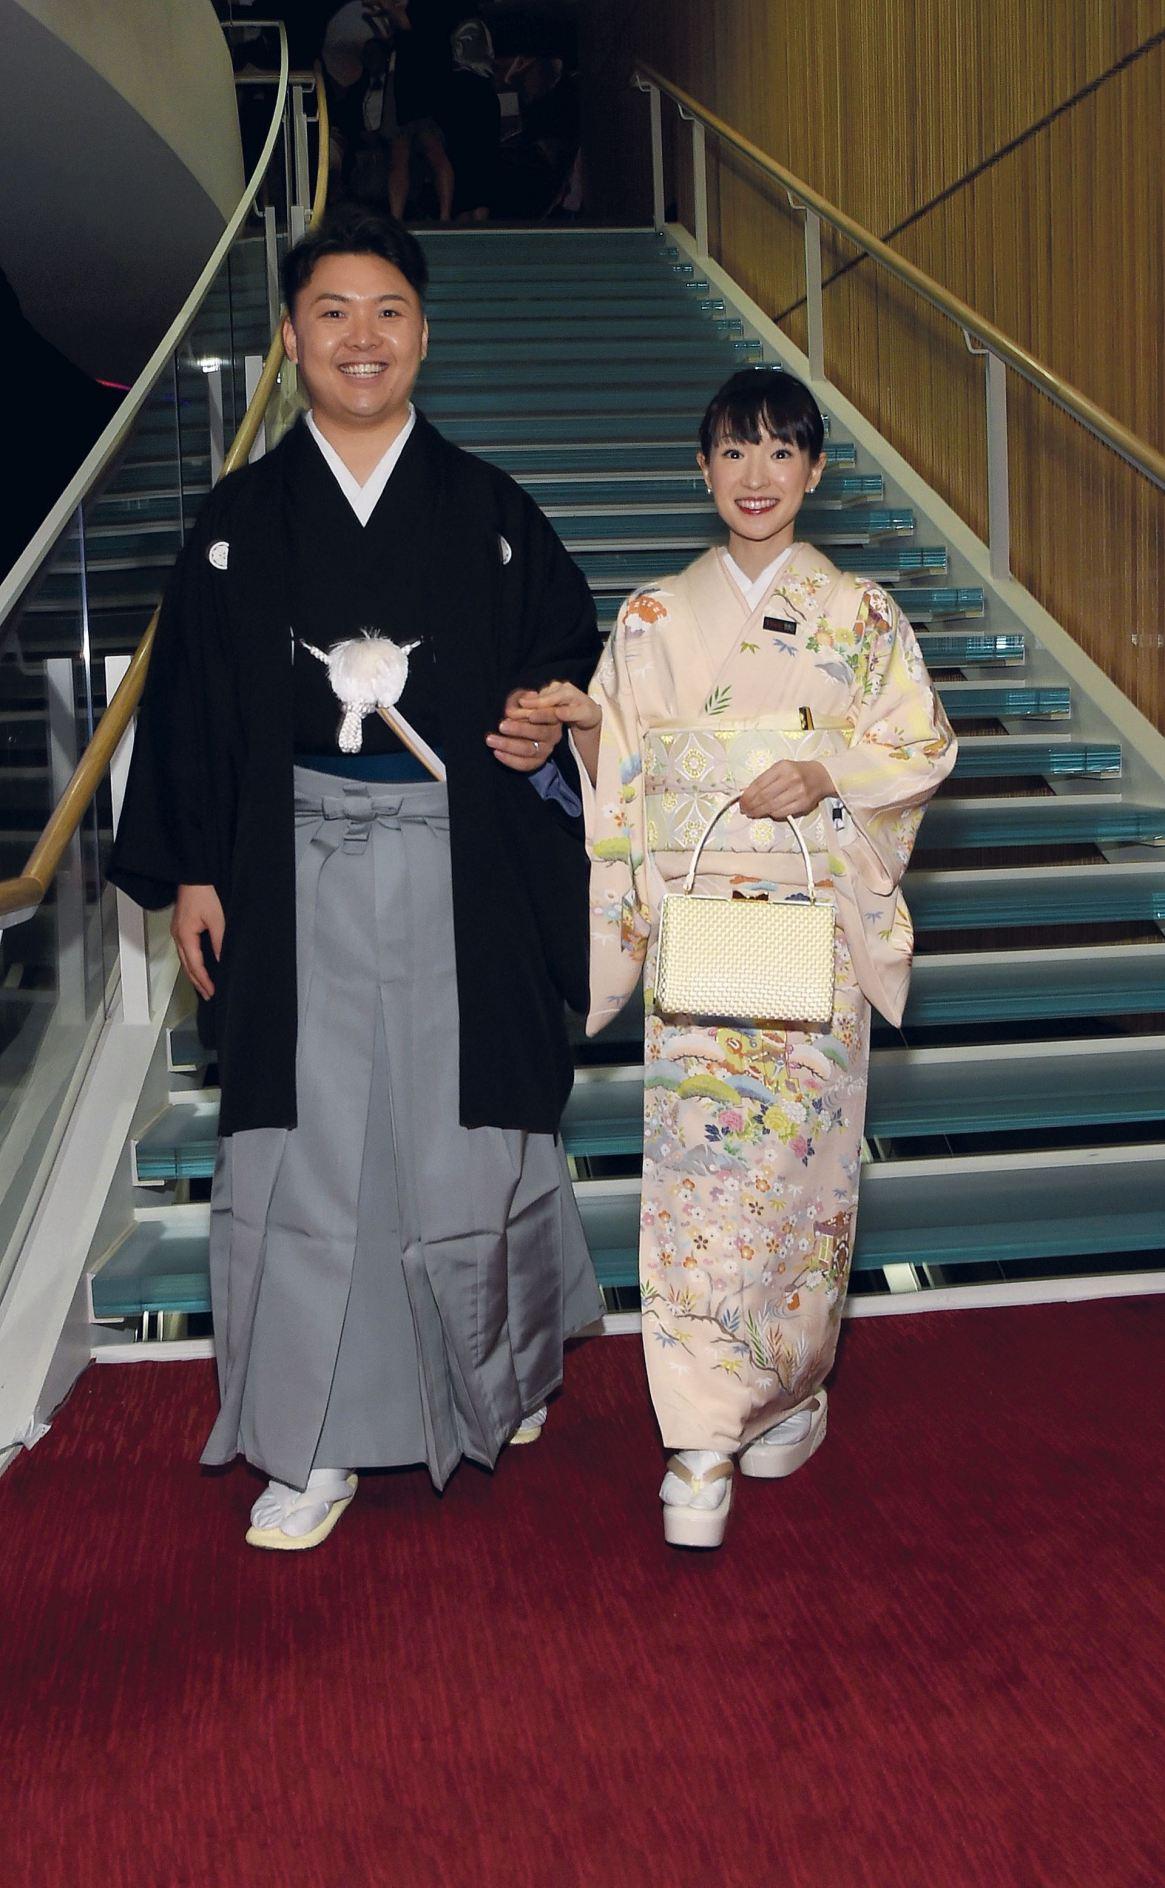 Hace tres años, Kondo fue elegida por Time como uno de los 100 personajes más influyentes. A la gala en Nueva York fue con su marido, respetando las tradiciones niponas.